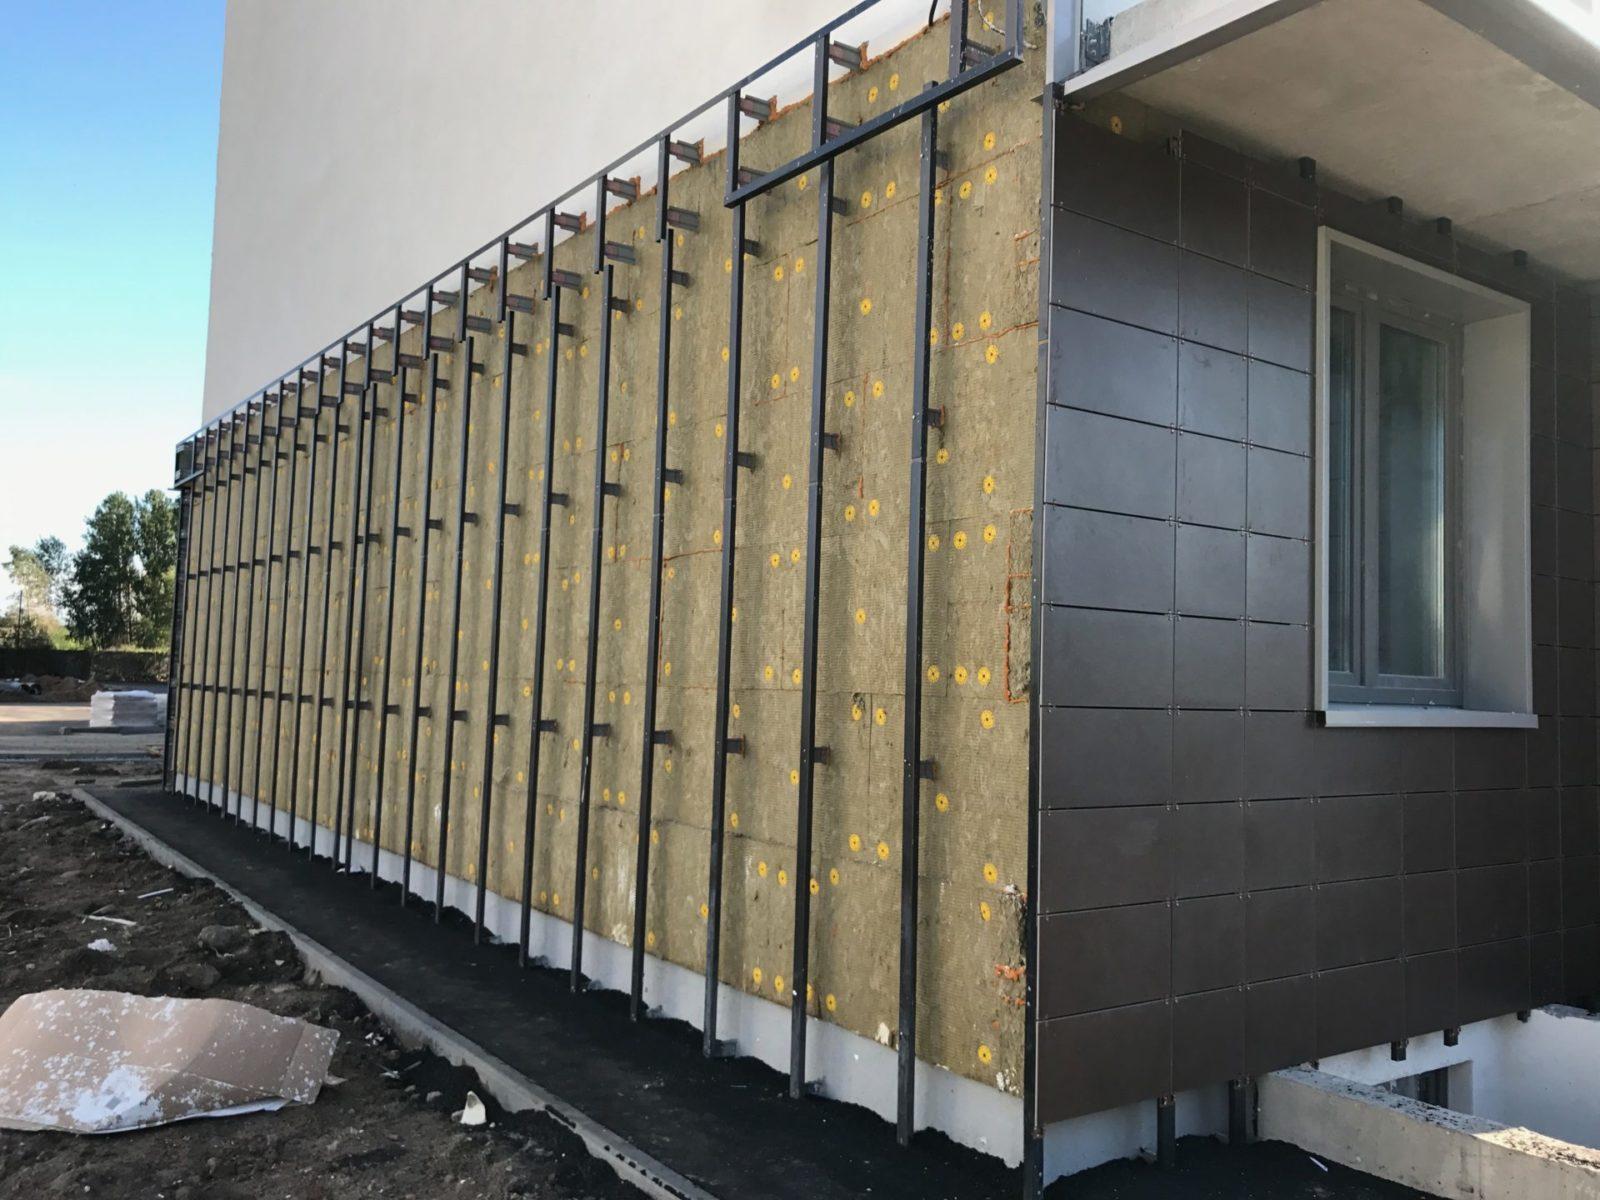 Цена выполнения работ по устройству вентилируемых фасадов для ПАО «Группа ЛСР»